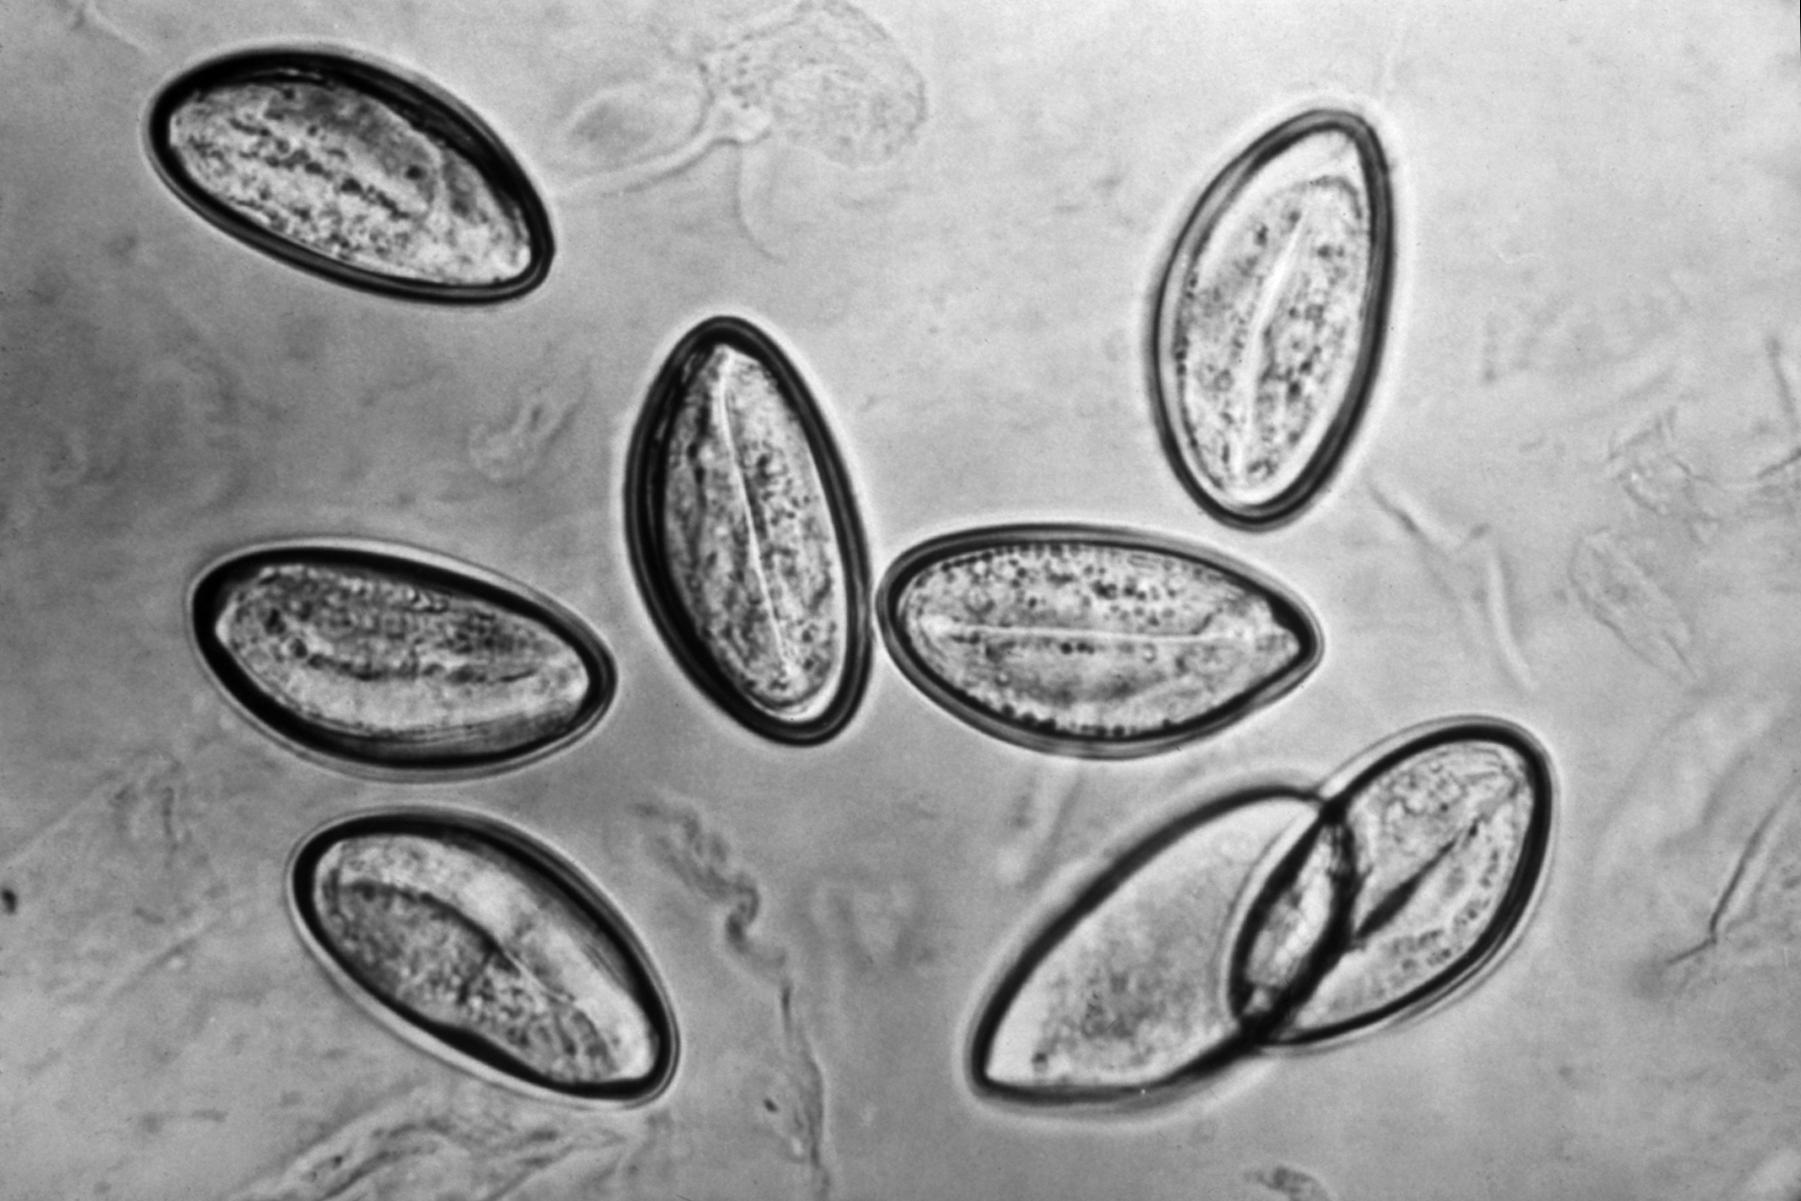 enterobius vermicularis parasitologia)